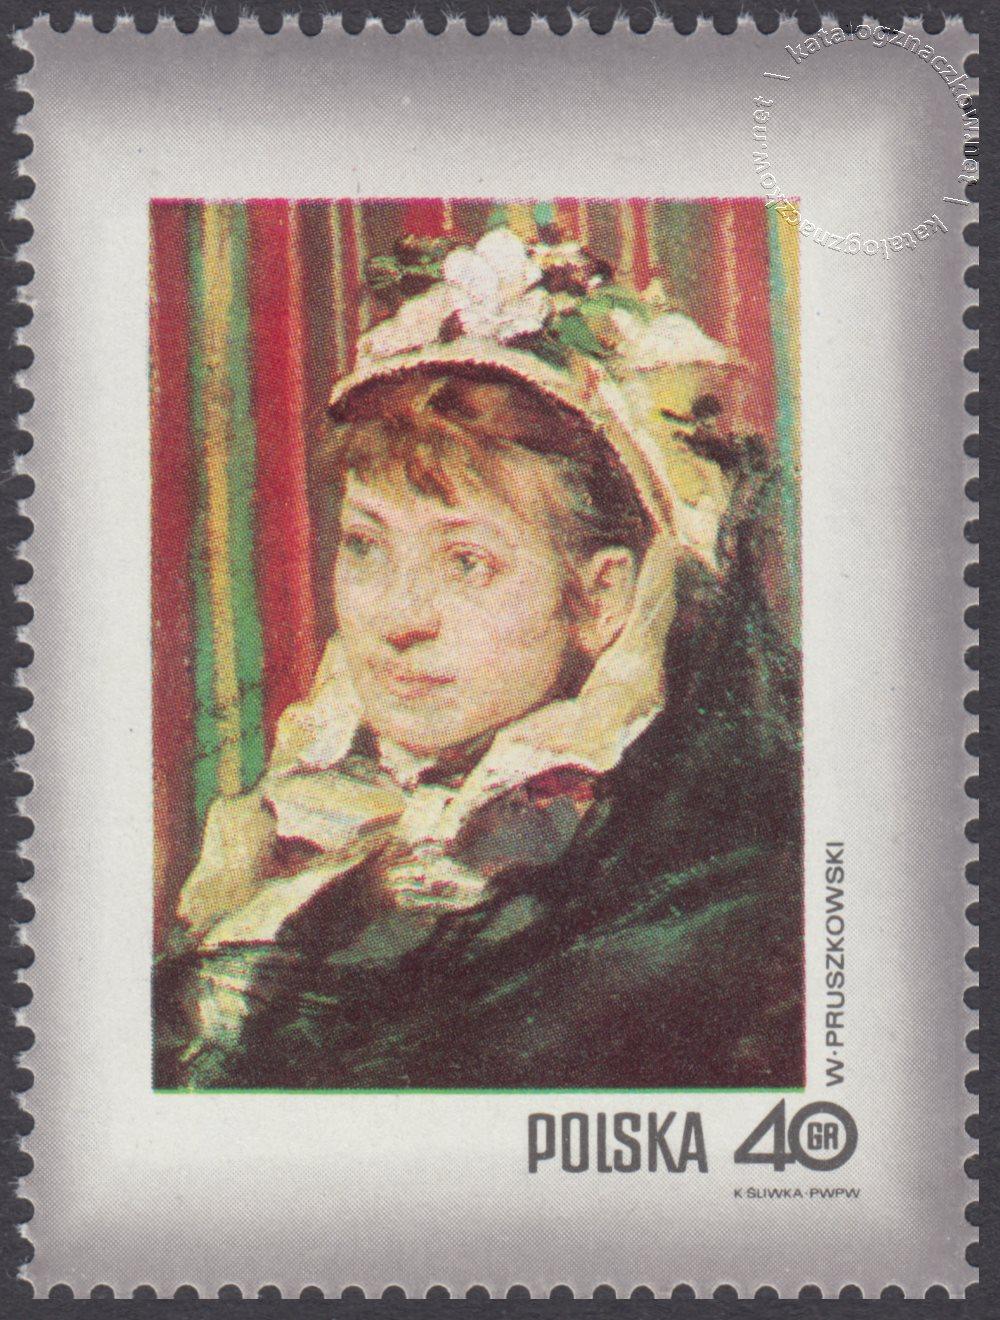 Dzień Znaczka – kobieta w malarstwie polskim znaczek nr 1963